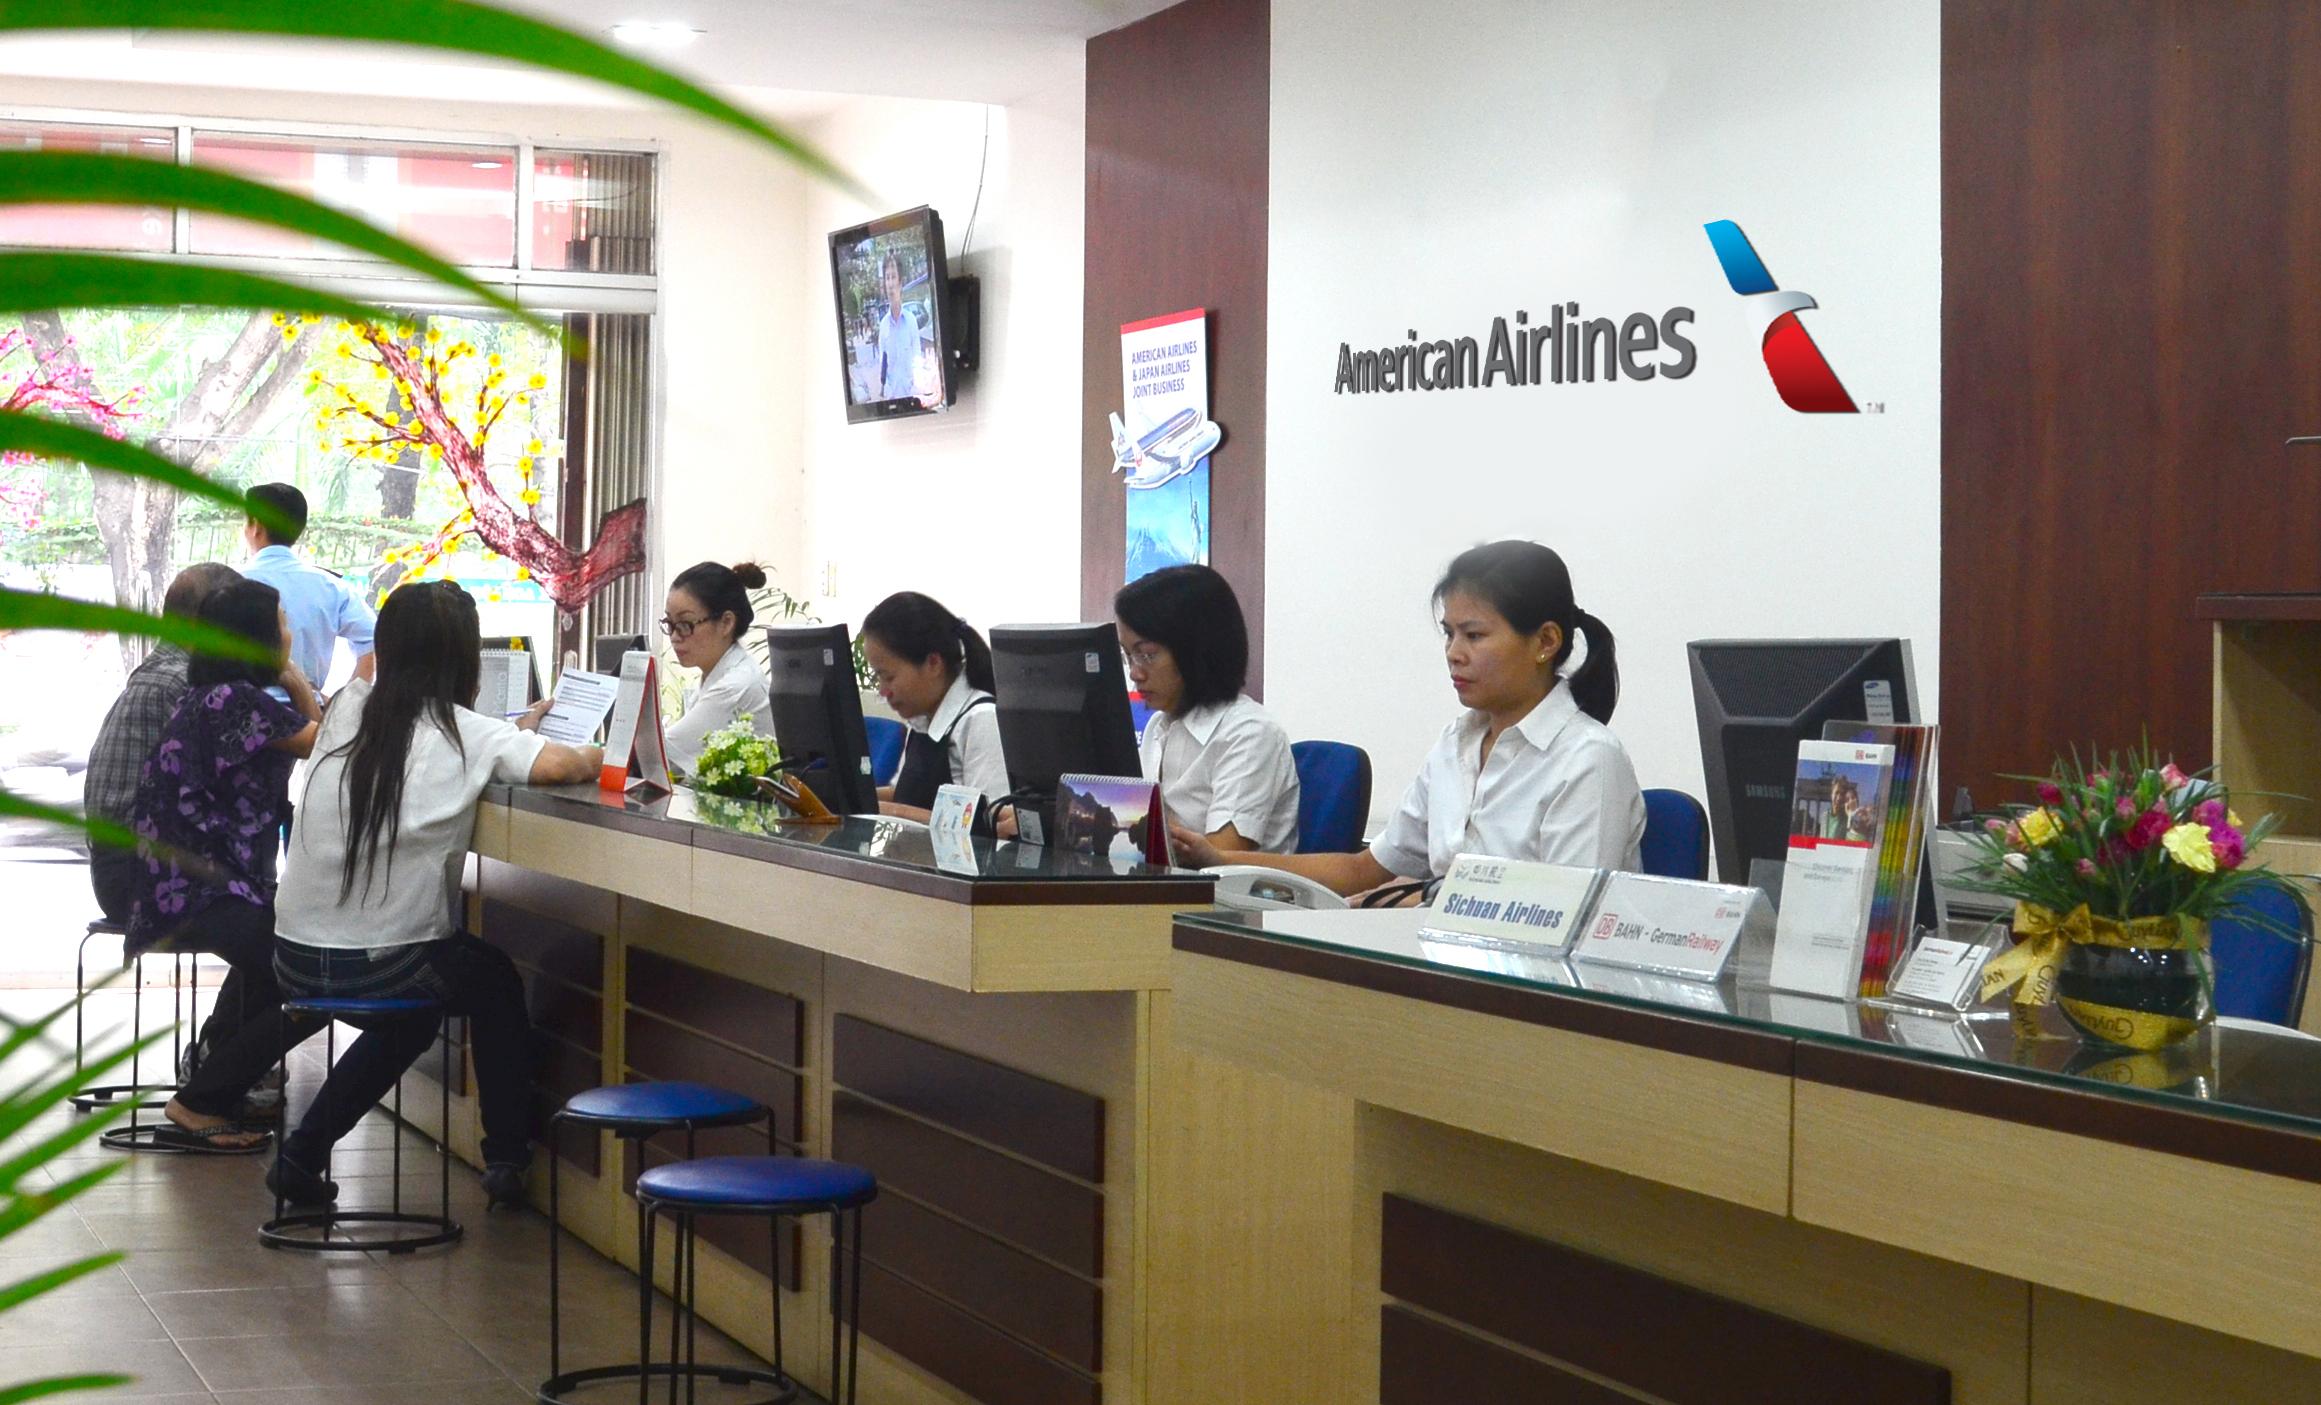 Dịch vụ phòng vé American Airlines tại Việt Nam